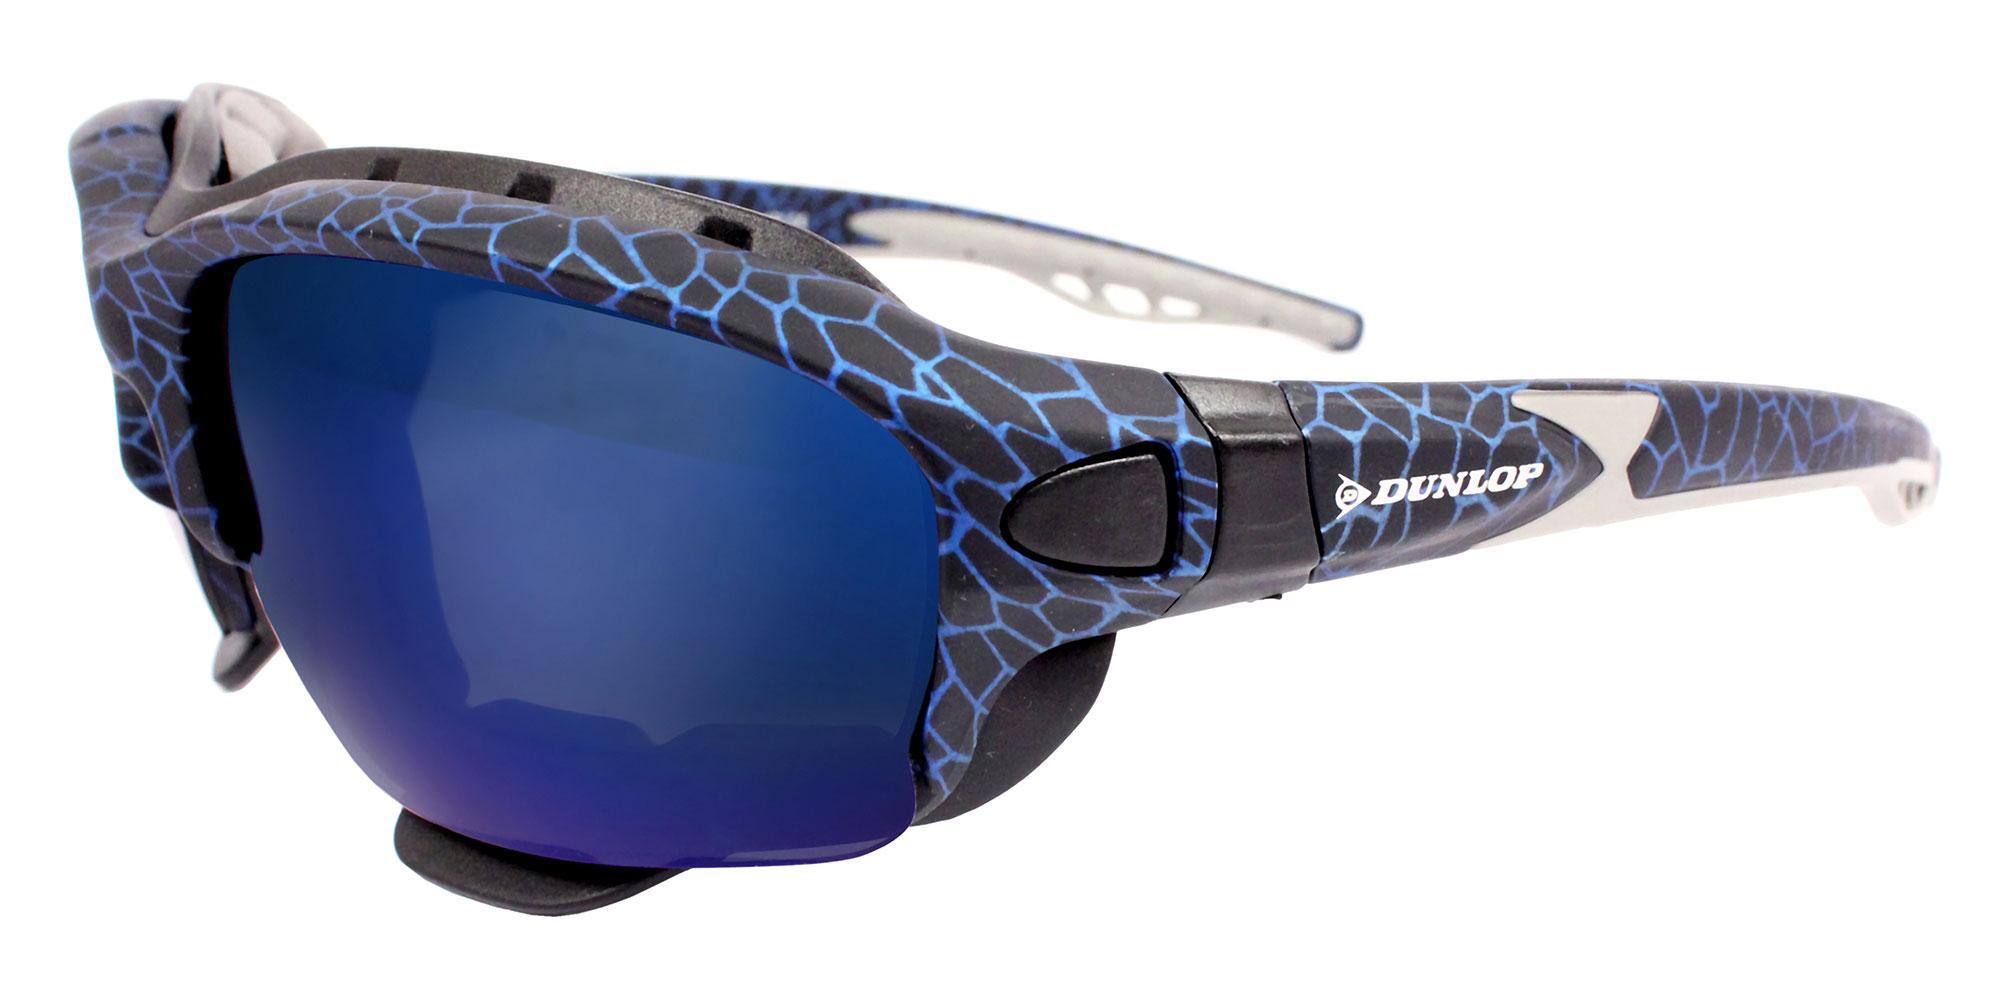 DST01-1P DST01 Sunglasses, Dunlop Sport